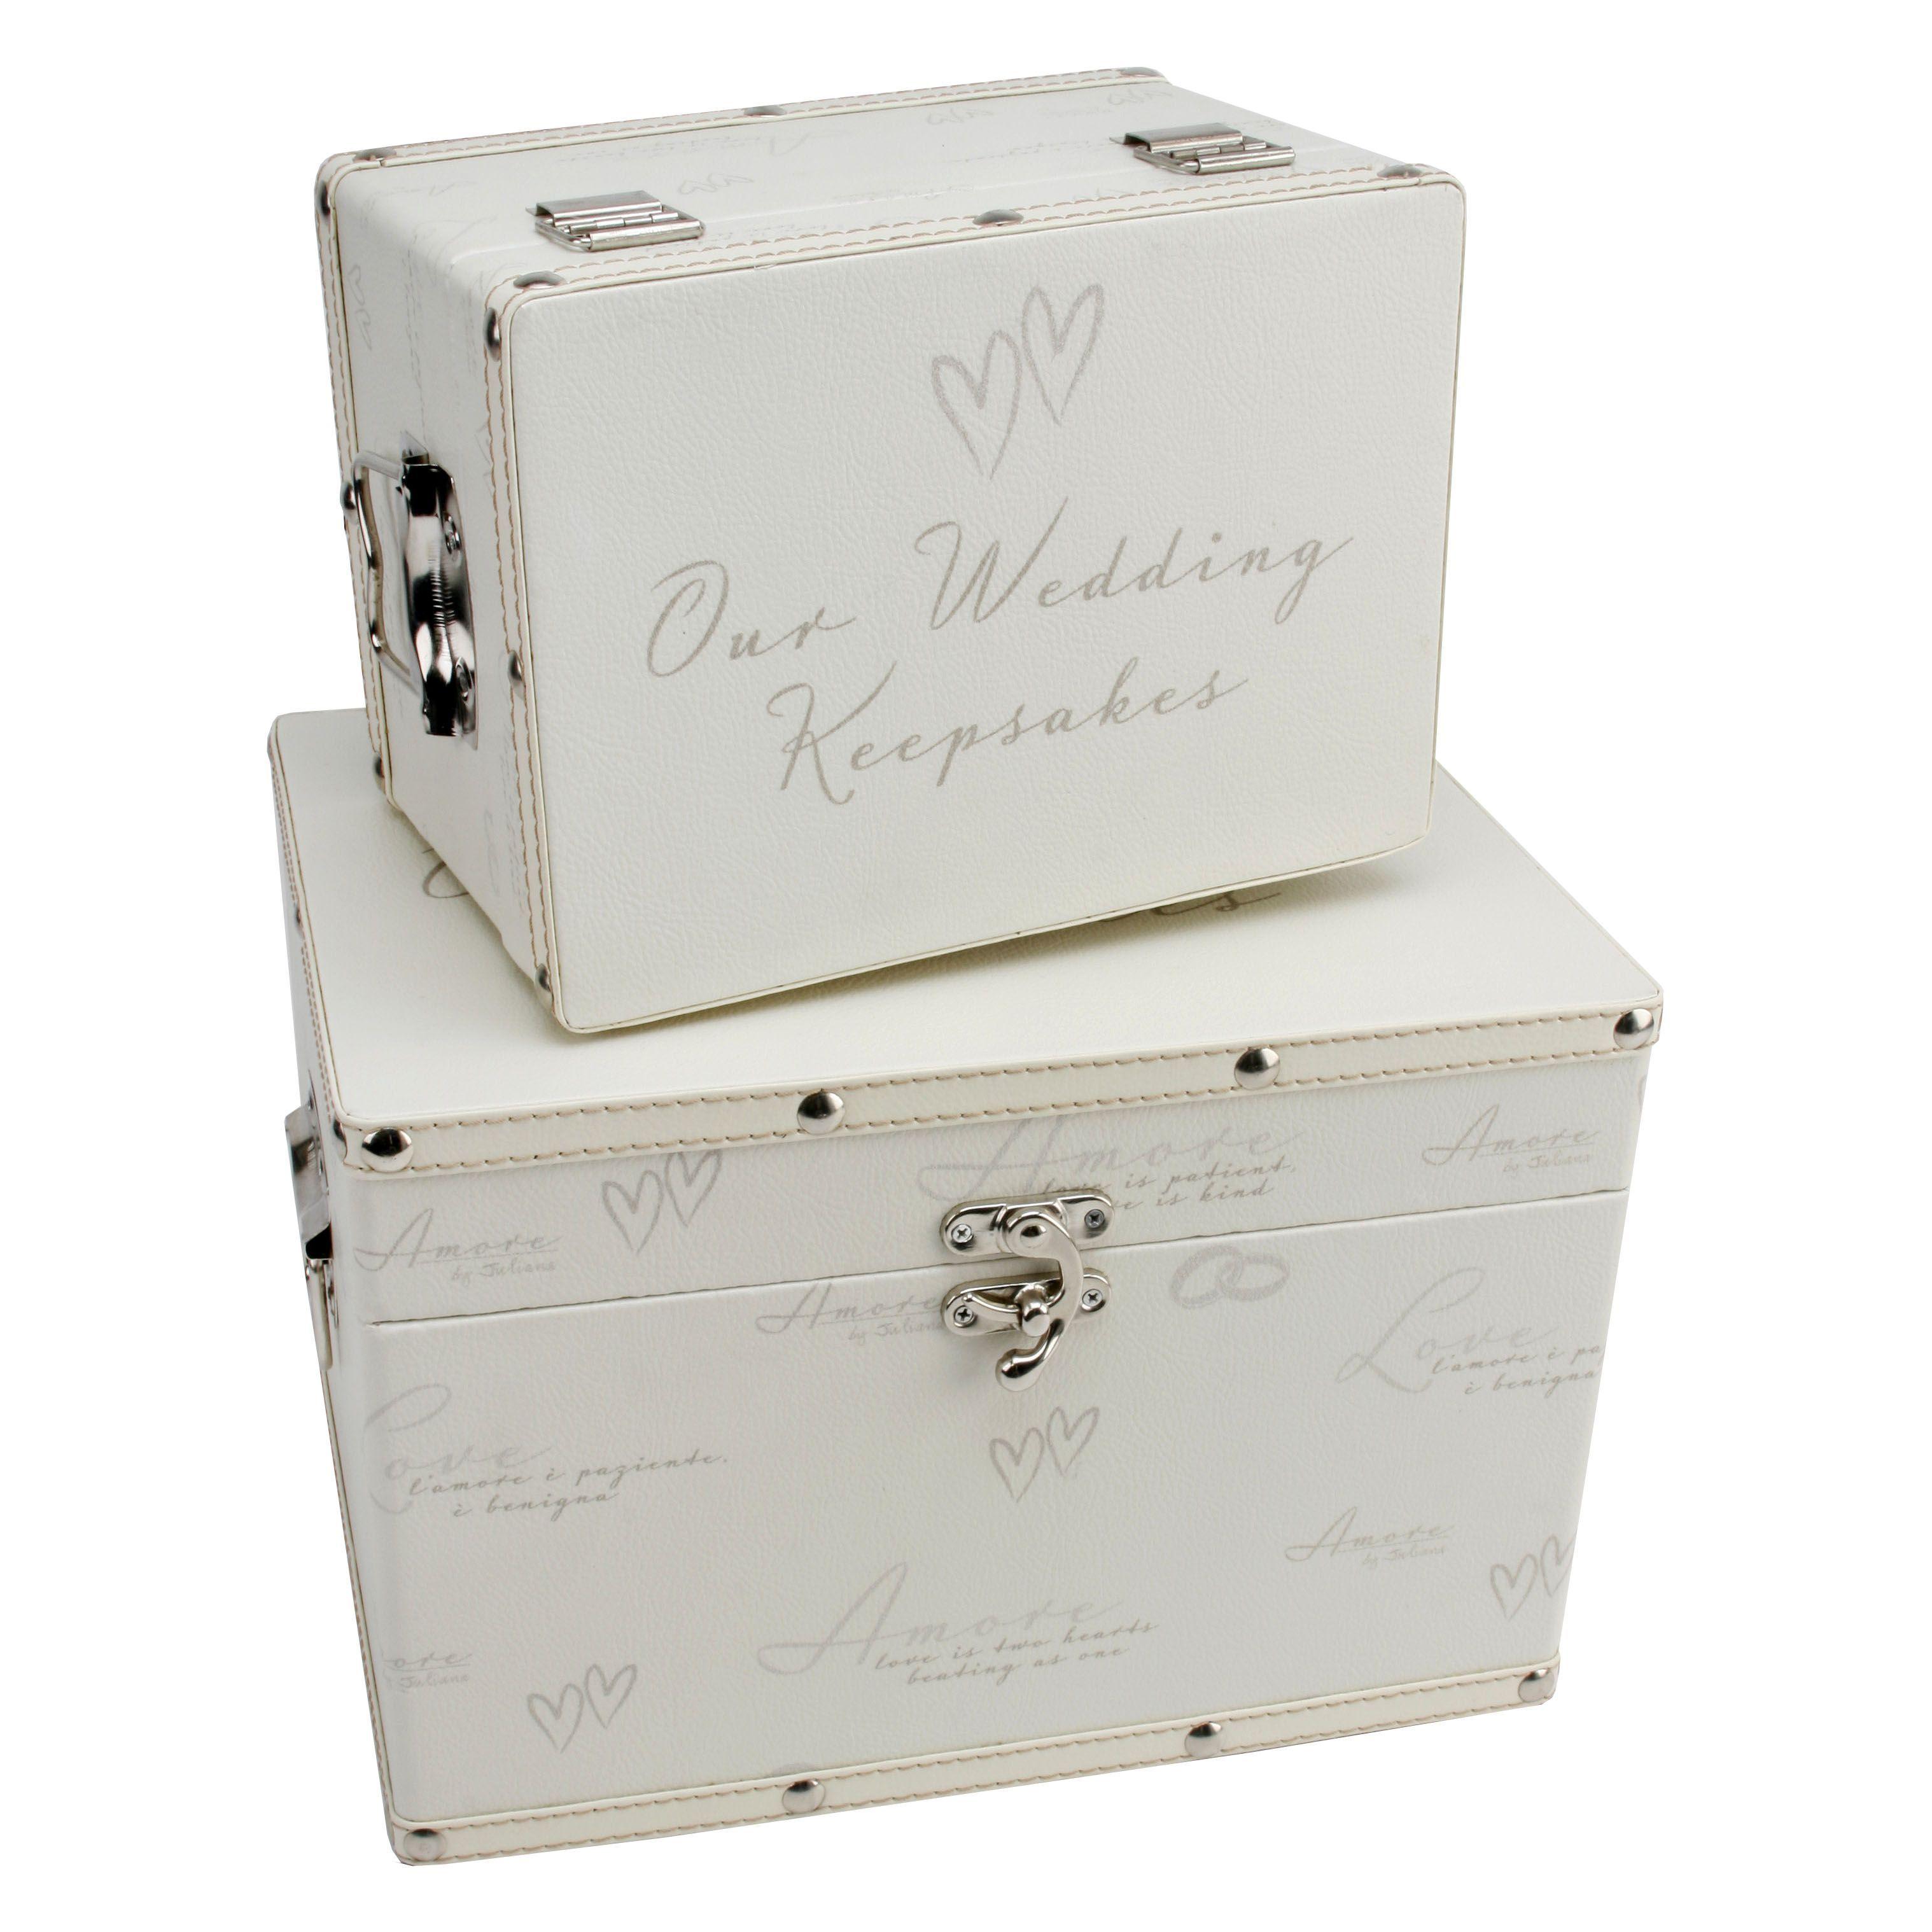 34.99 Wedding Keepsakes box   Tips   Pinterest   Wedding keepsake ...